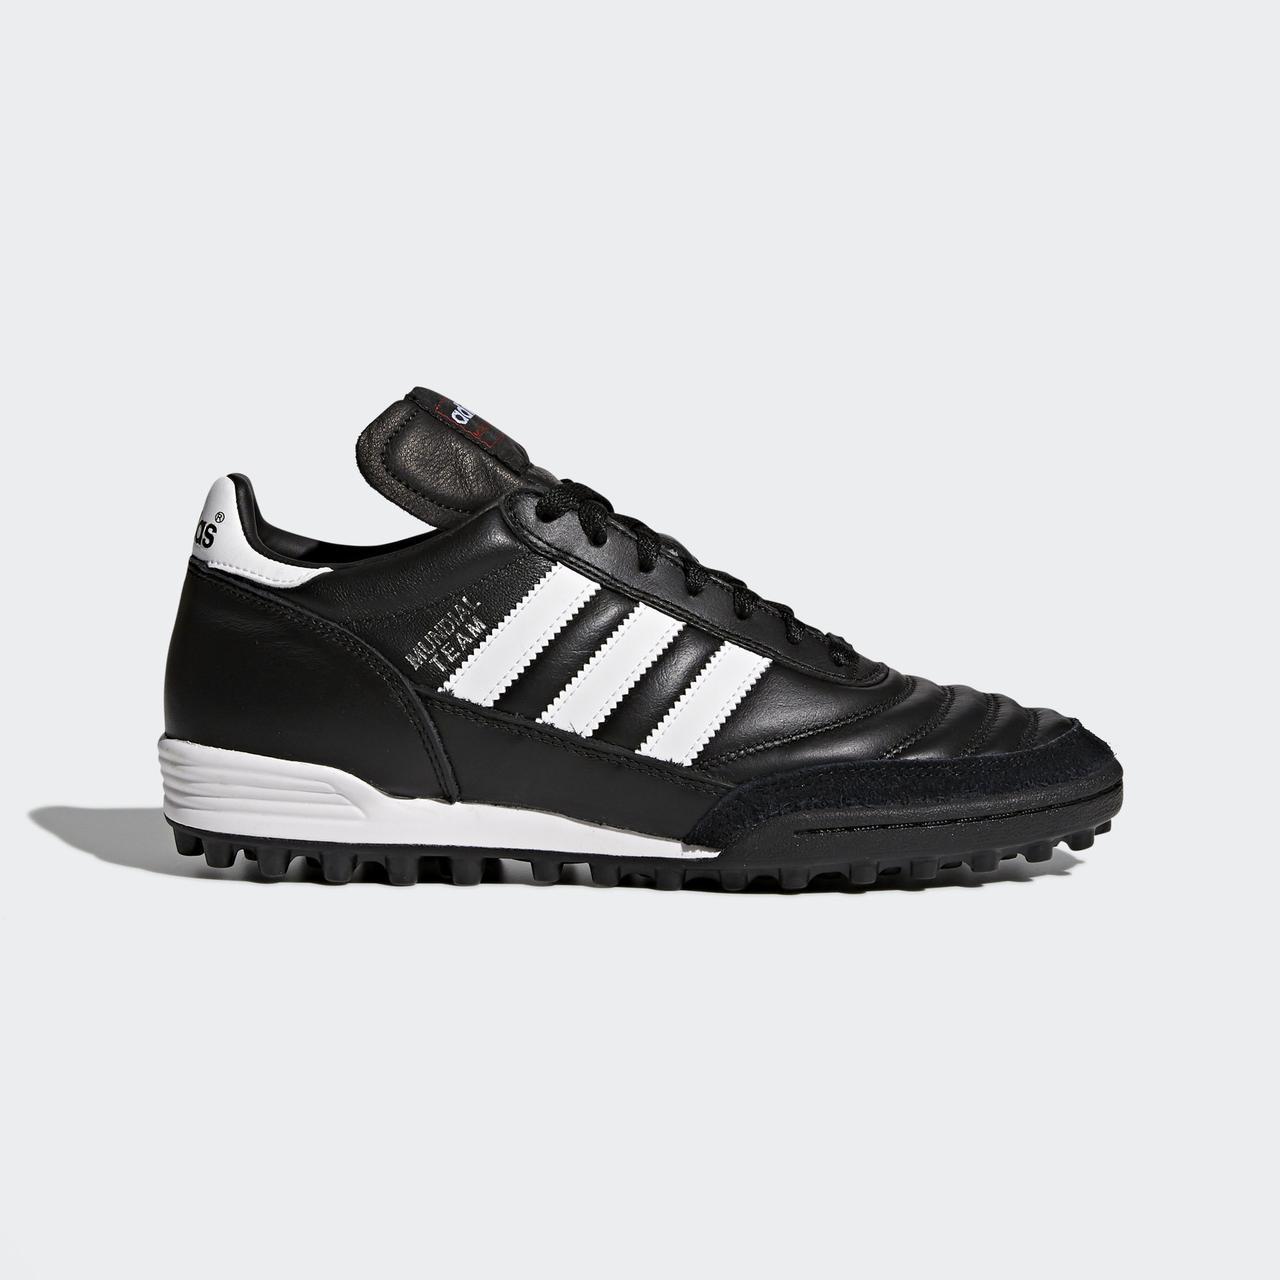 Cороконожки Adidas Mundial Team 019228